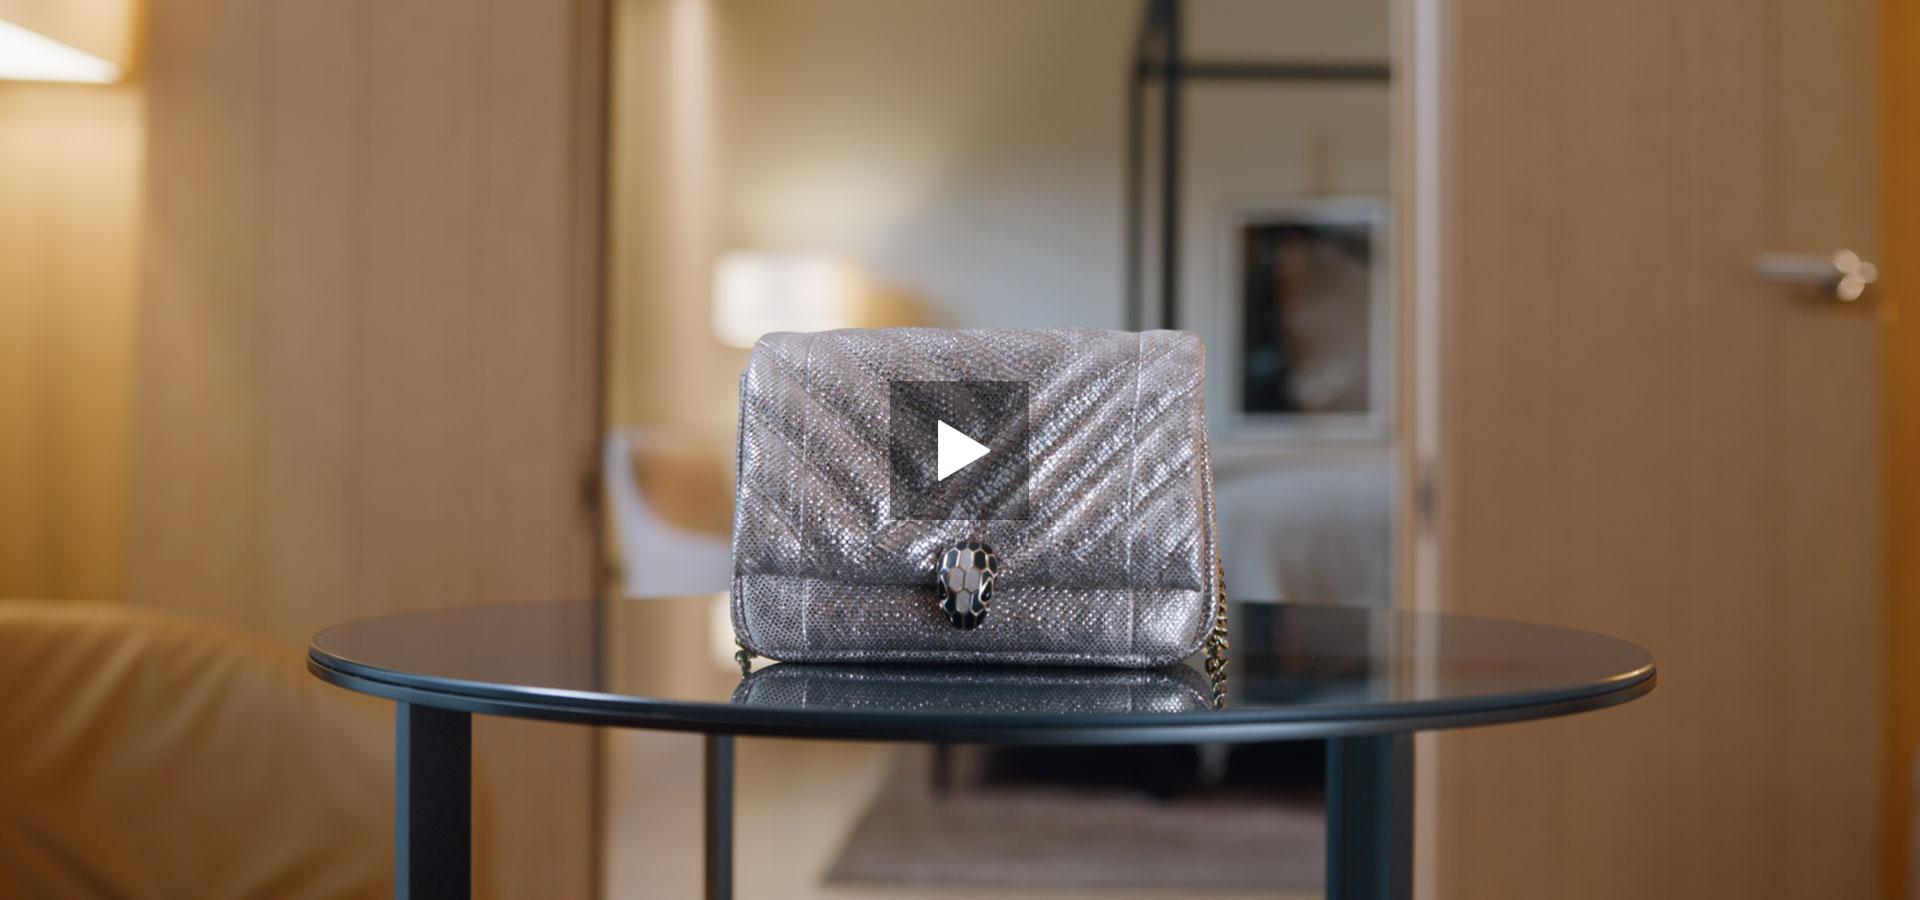 Bulgari – Bvlgari Tovch Experience – Digital Campaign – Produzione video